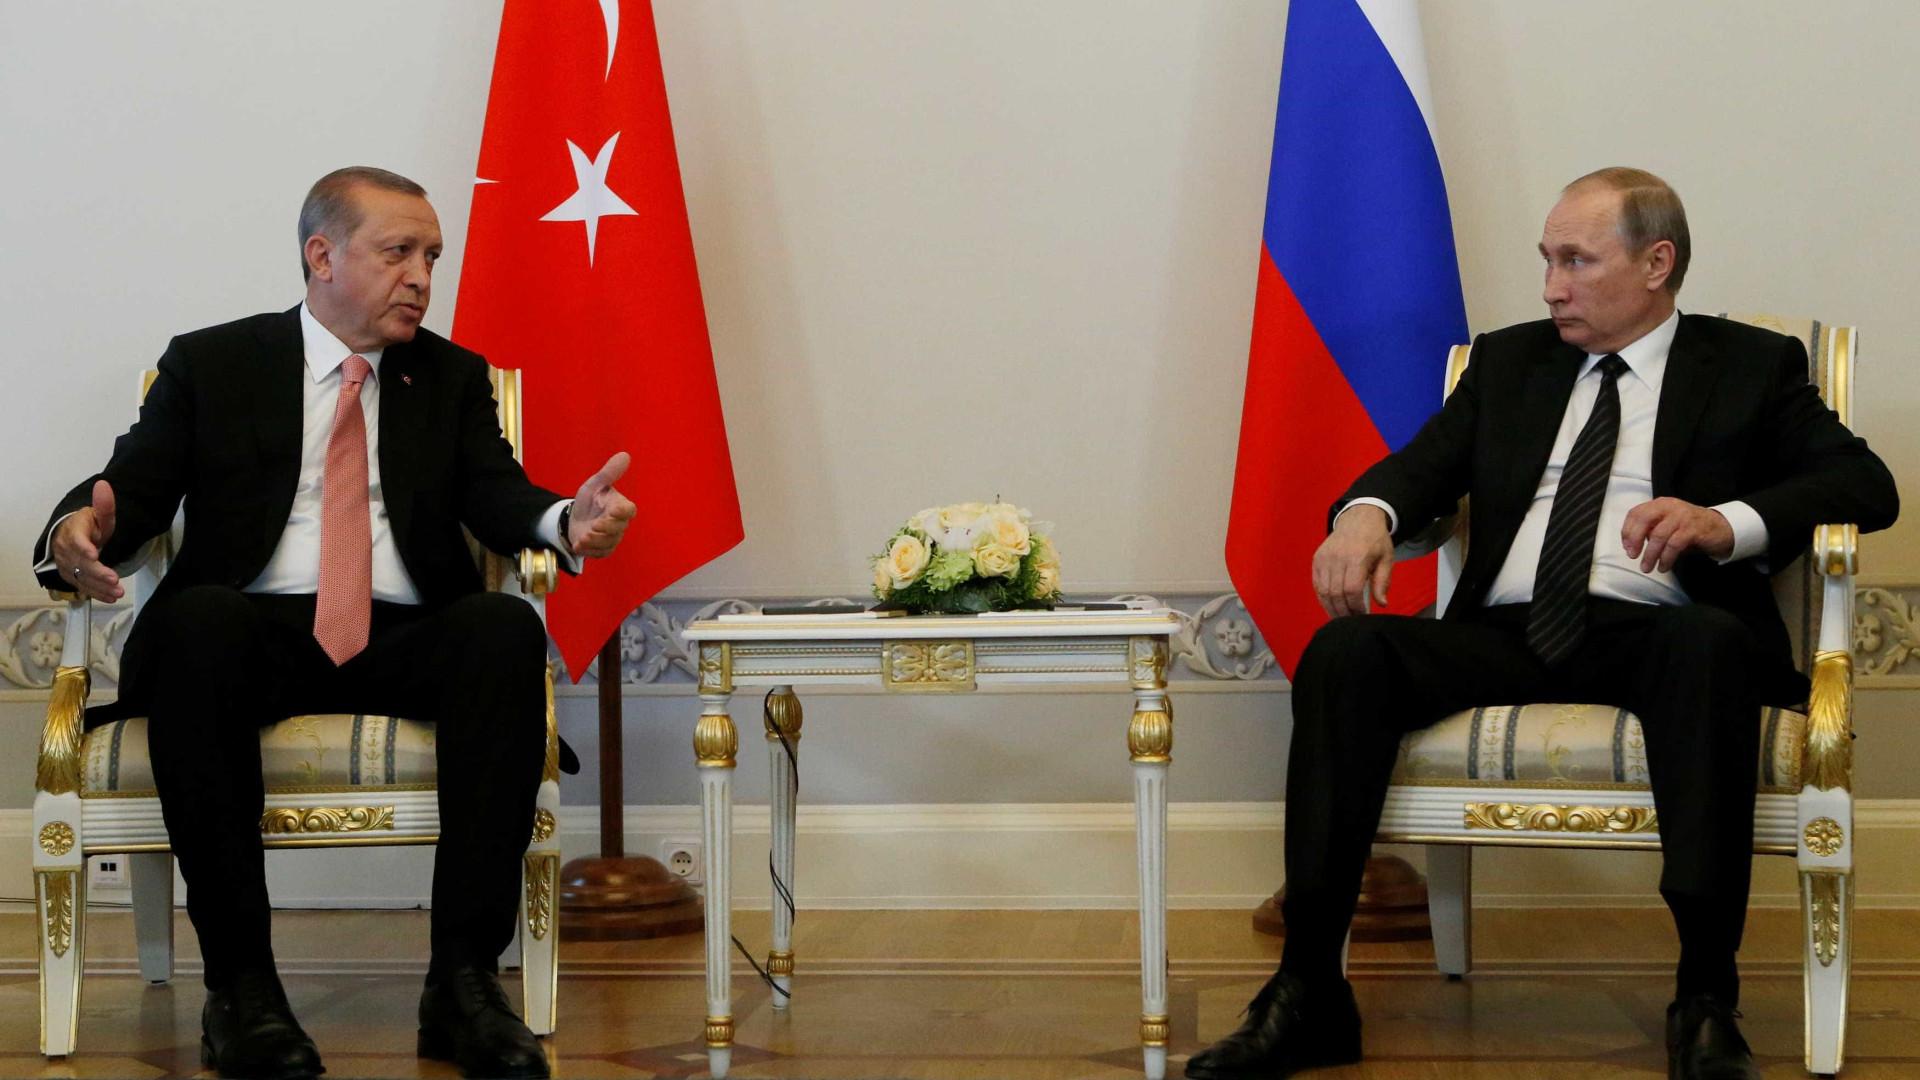 Putin e Erdogan realçam restabelecimento de relações